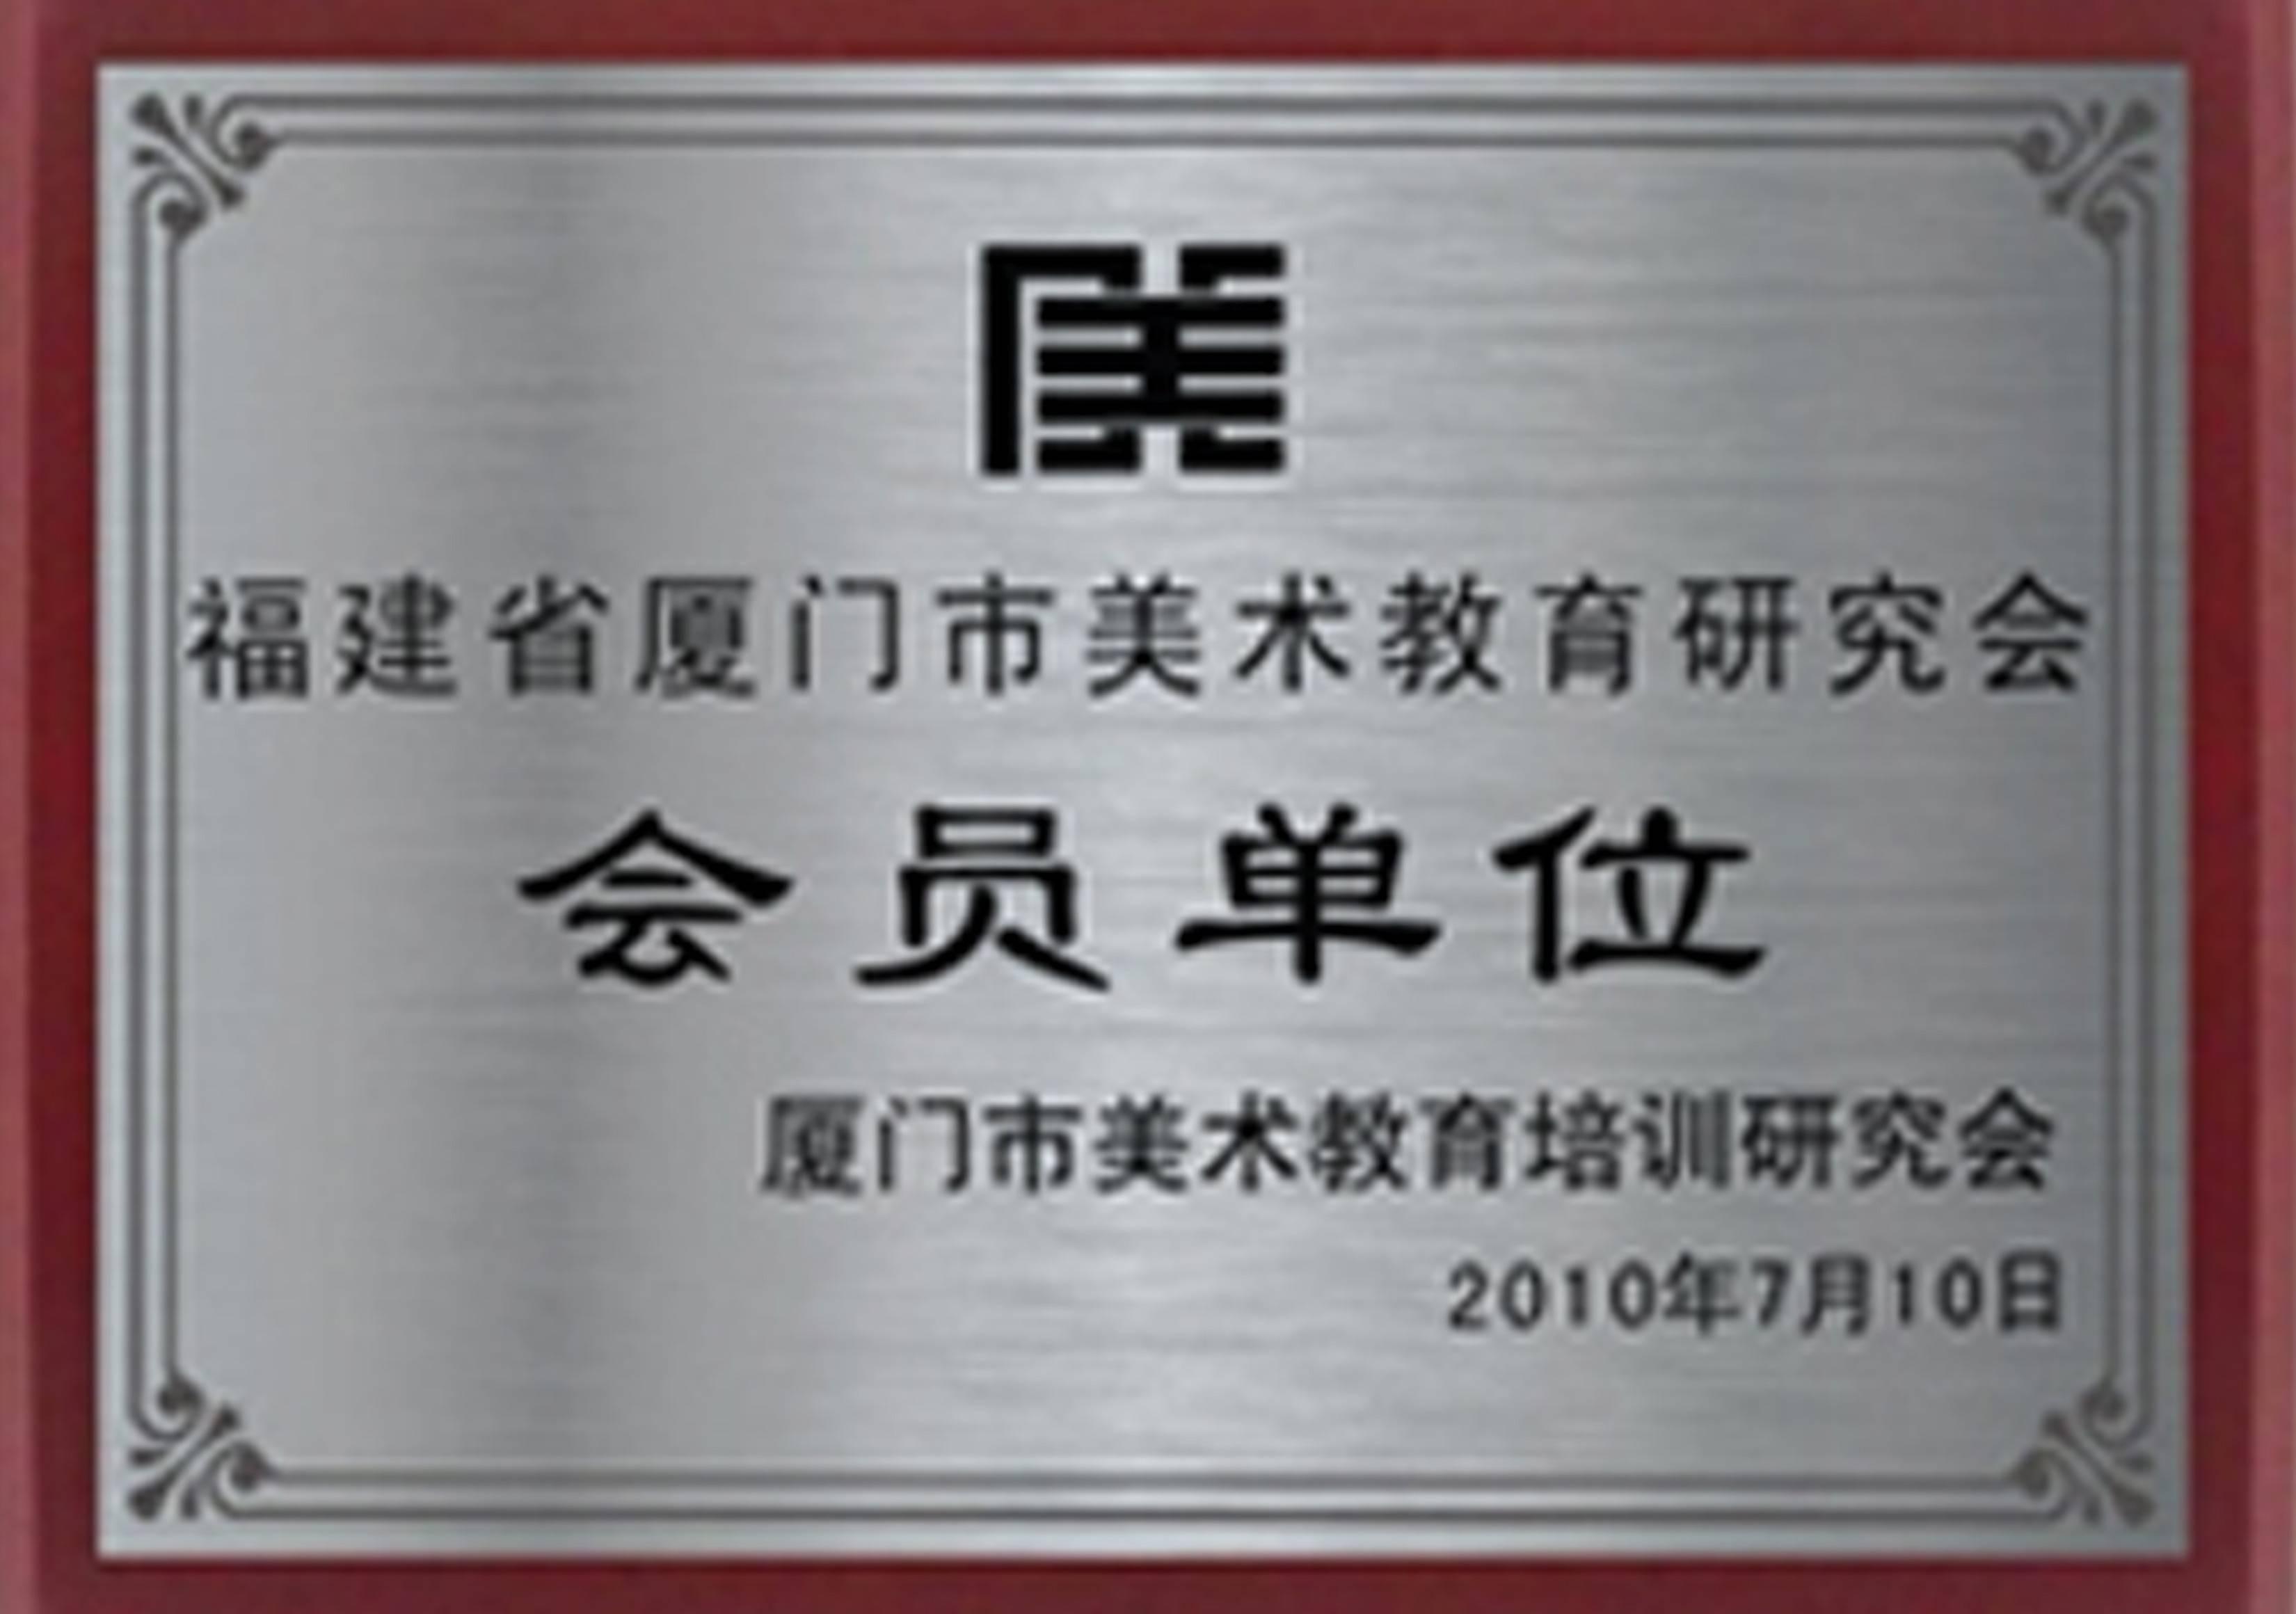 练凝色极地美术荣获福建省厦门市美术教育研究会会员单位